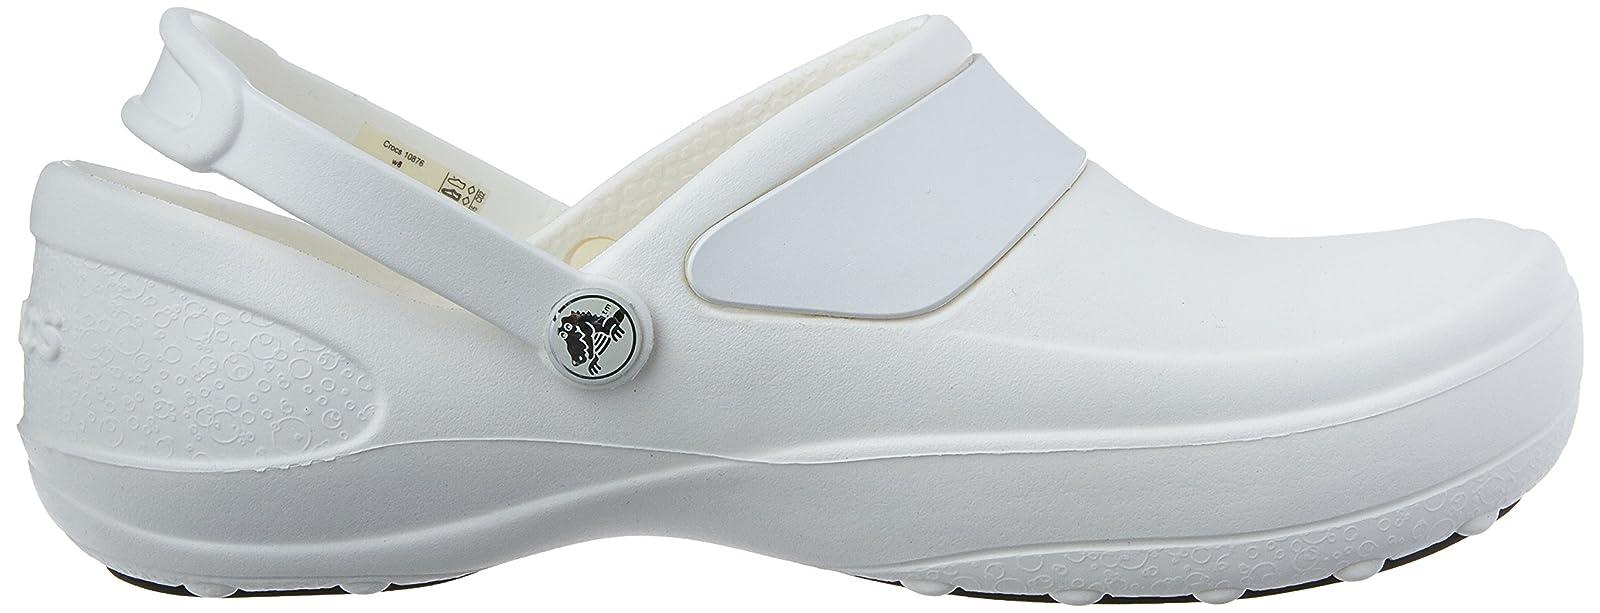 Crocs Women's Mercy Work Slip Resistant - 8